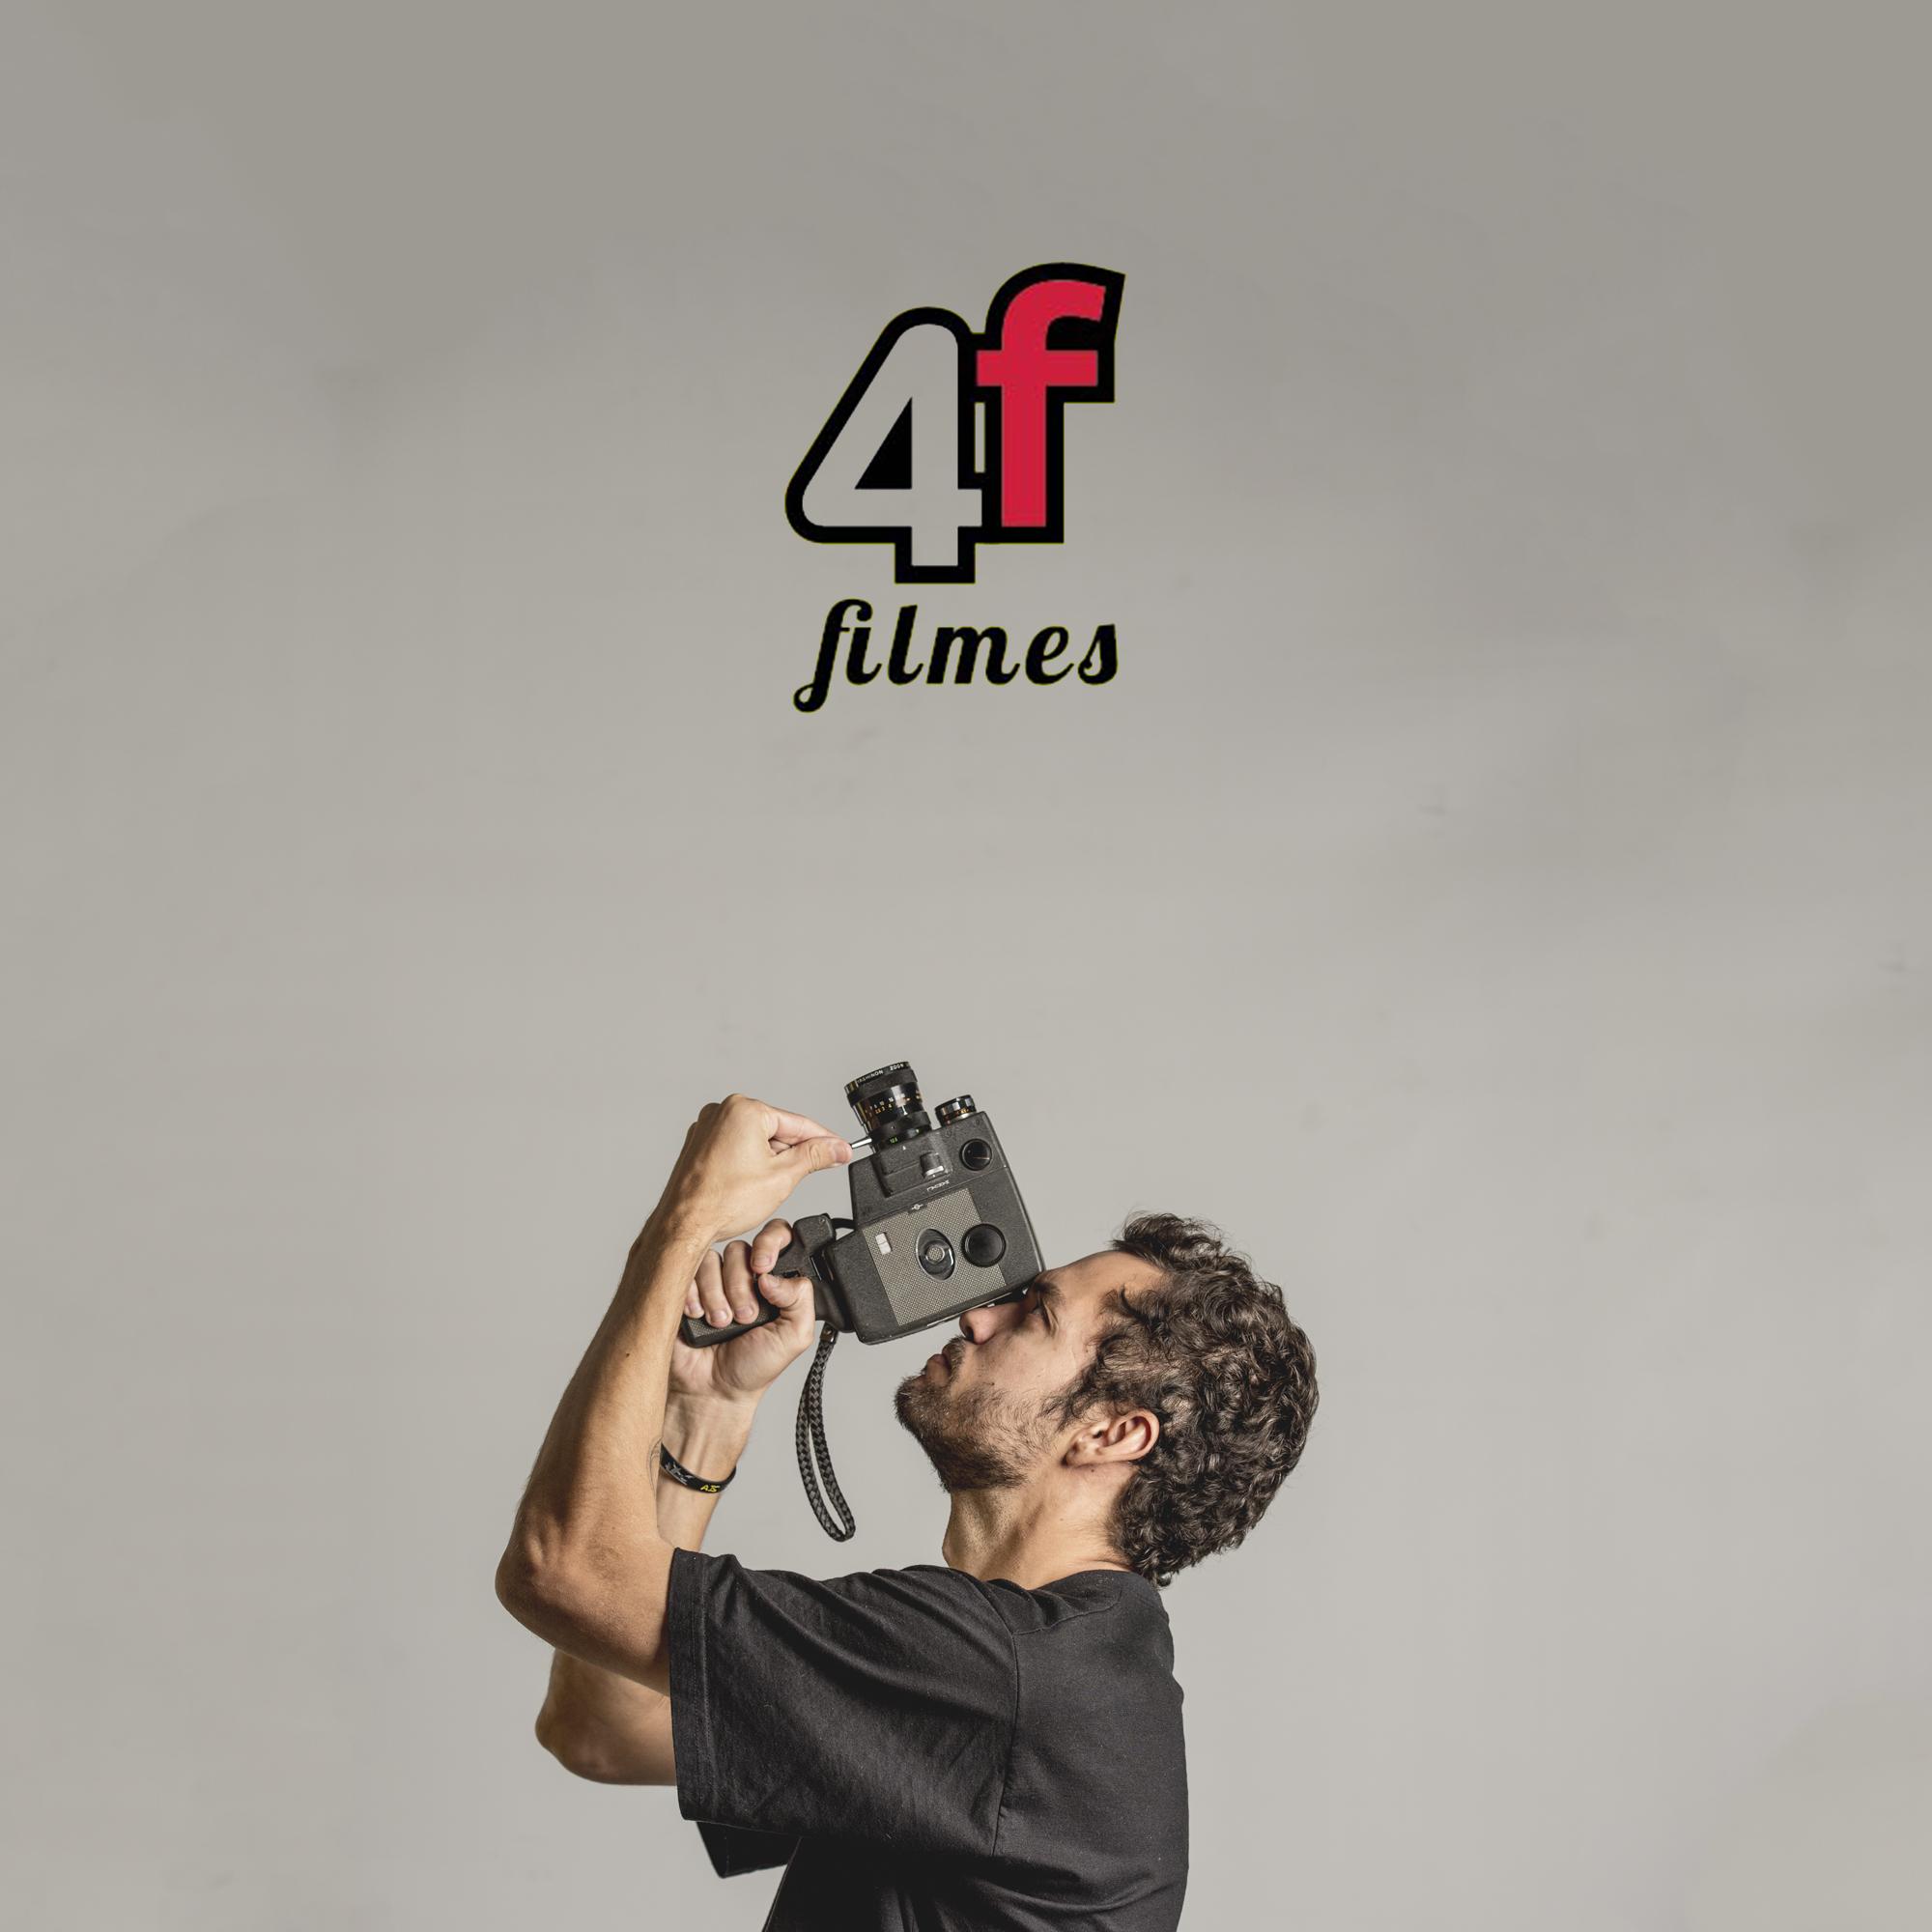 Contate 4f filmes - Cultivando Emoções através de imagens e olhares!